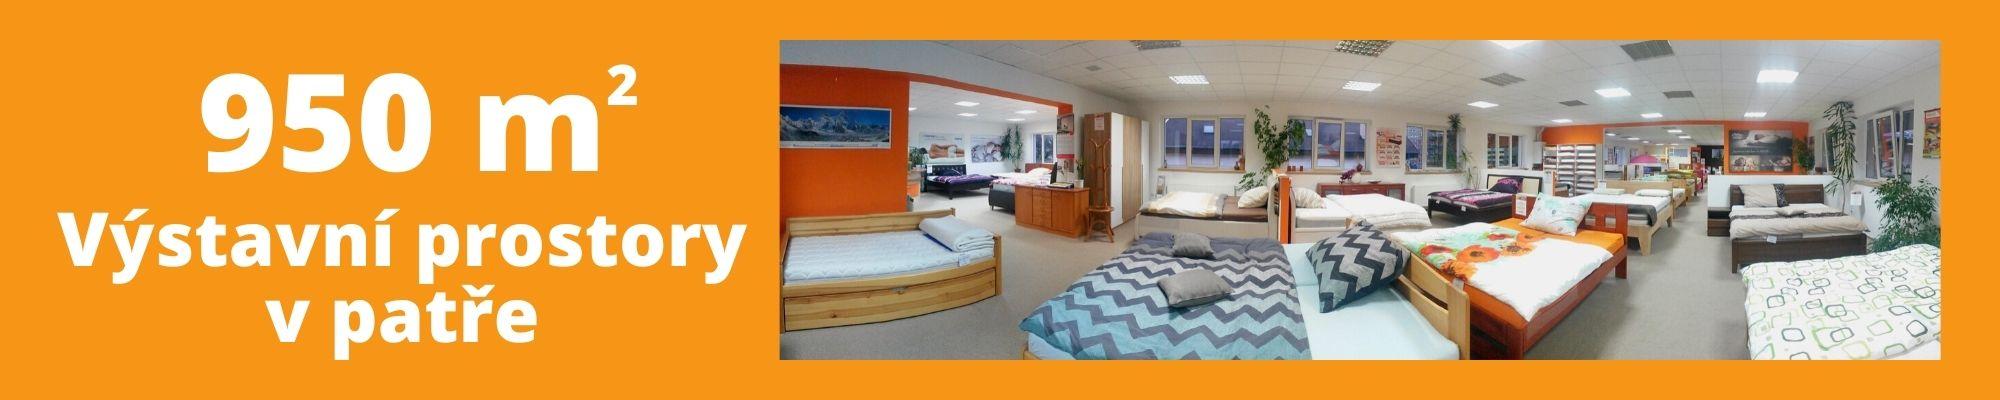 Výstavní prostory v patře 950m2